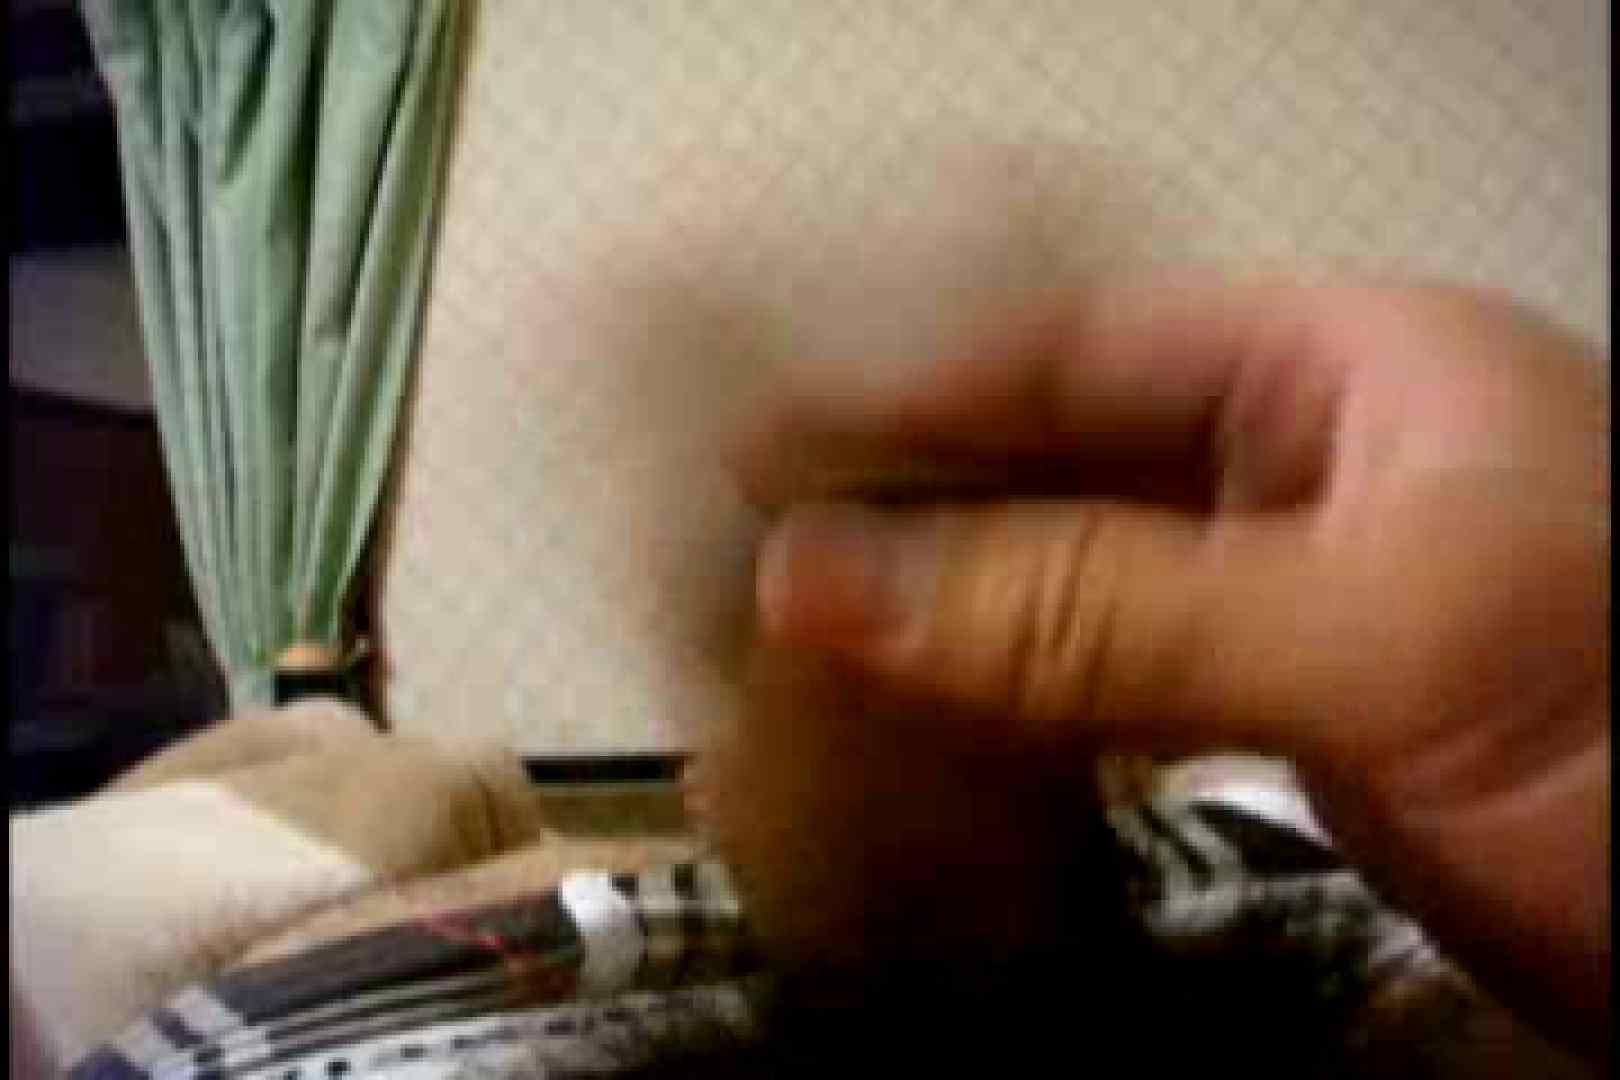 オナ好きノンケテニス部員の自画撮り投稿vol.01 オナニー ゲイフリーエロ画像 82枚 3